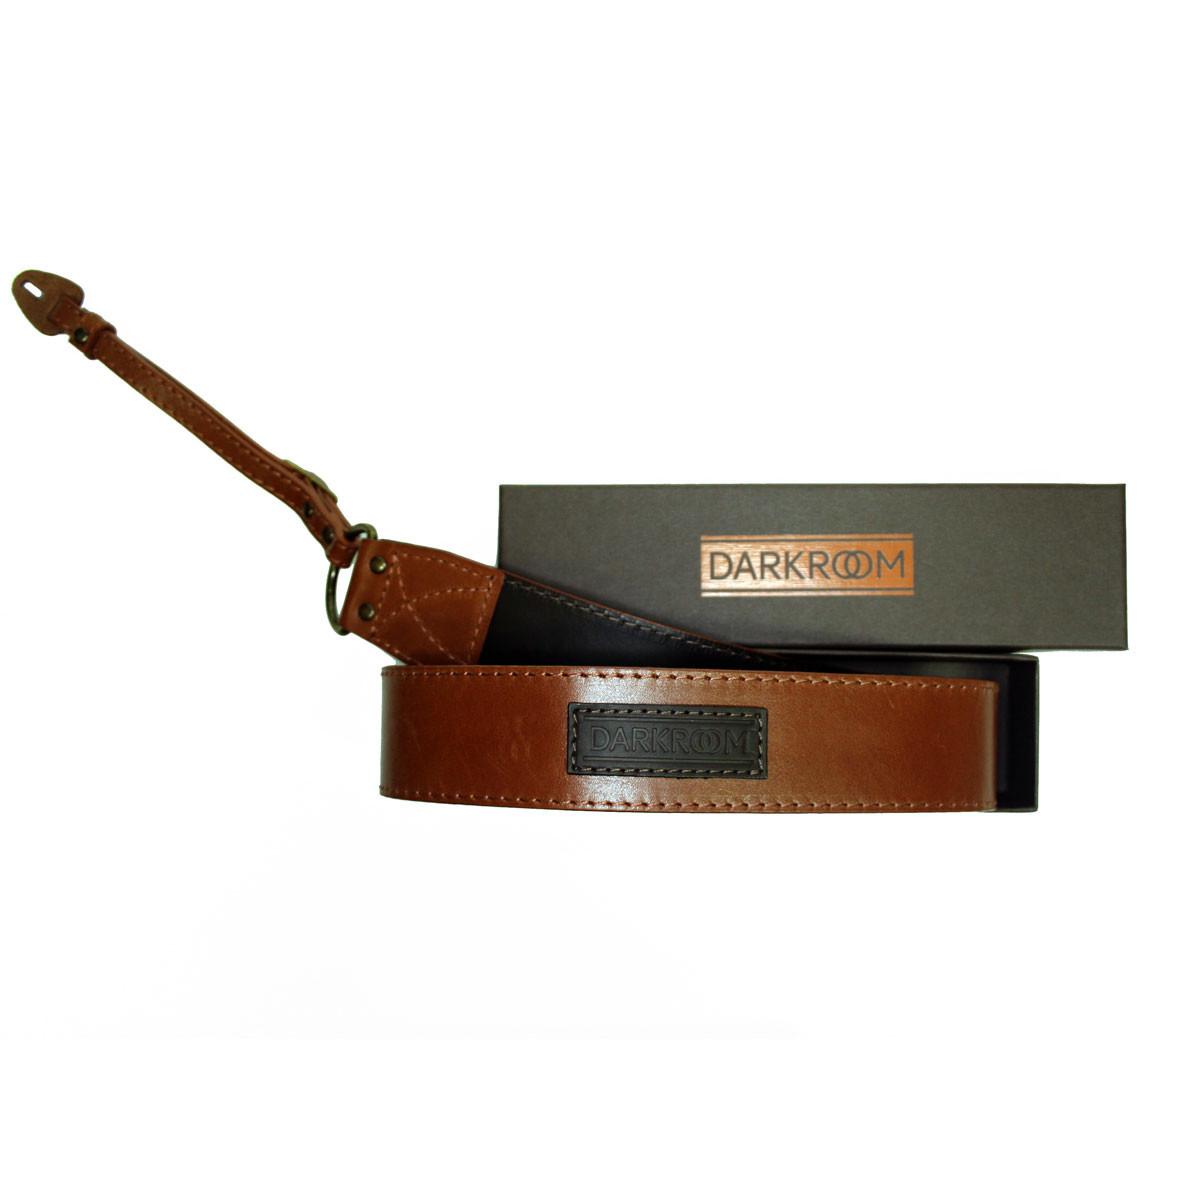 Ремень для фотоаппарата Darkroom 40мм кожа, универсальное крепление рыже-коричневый